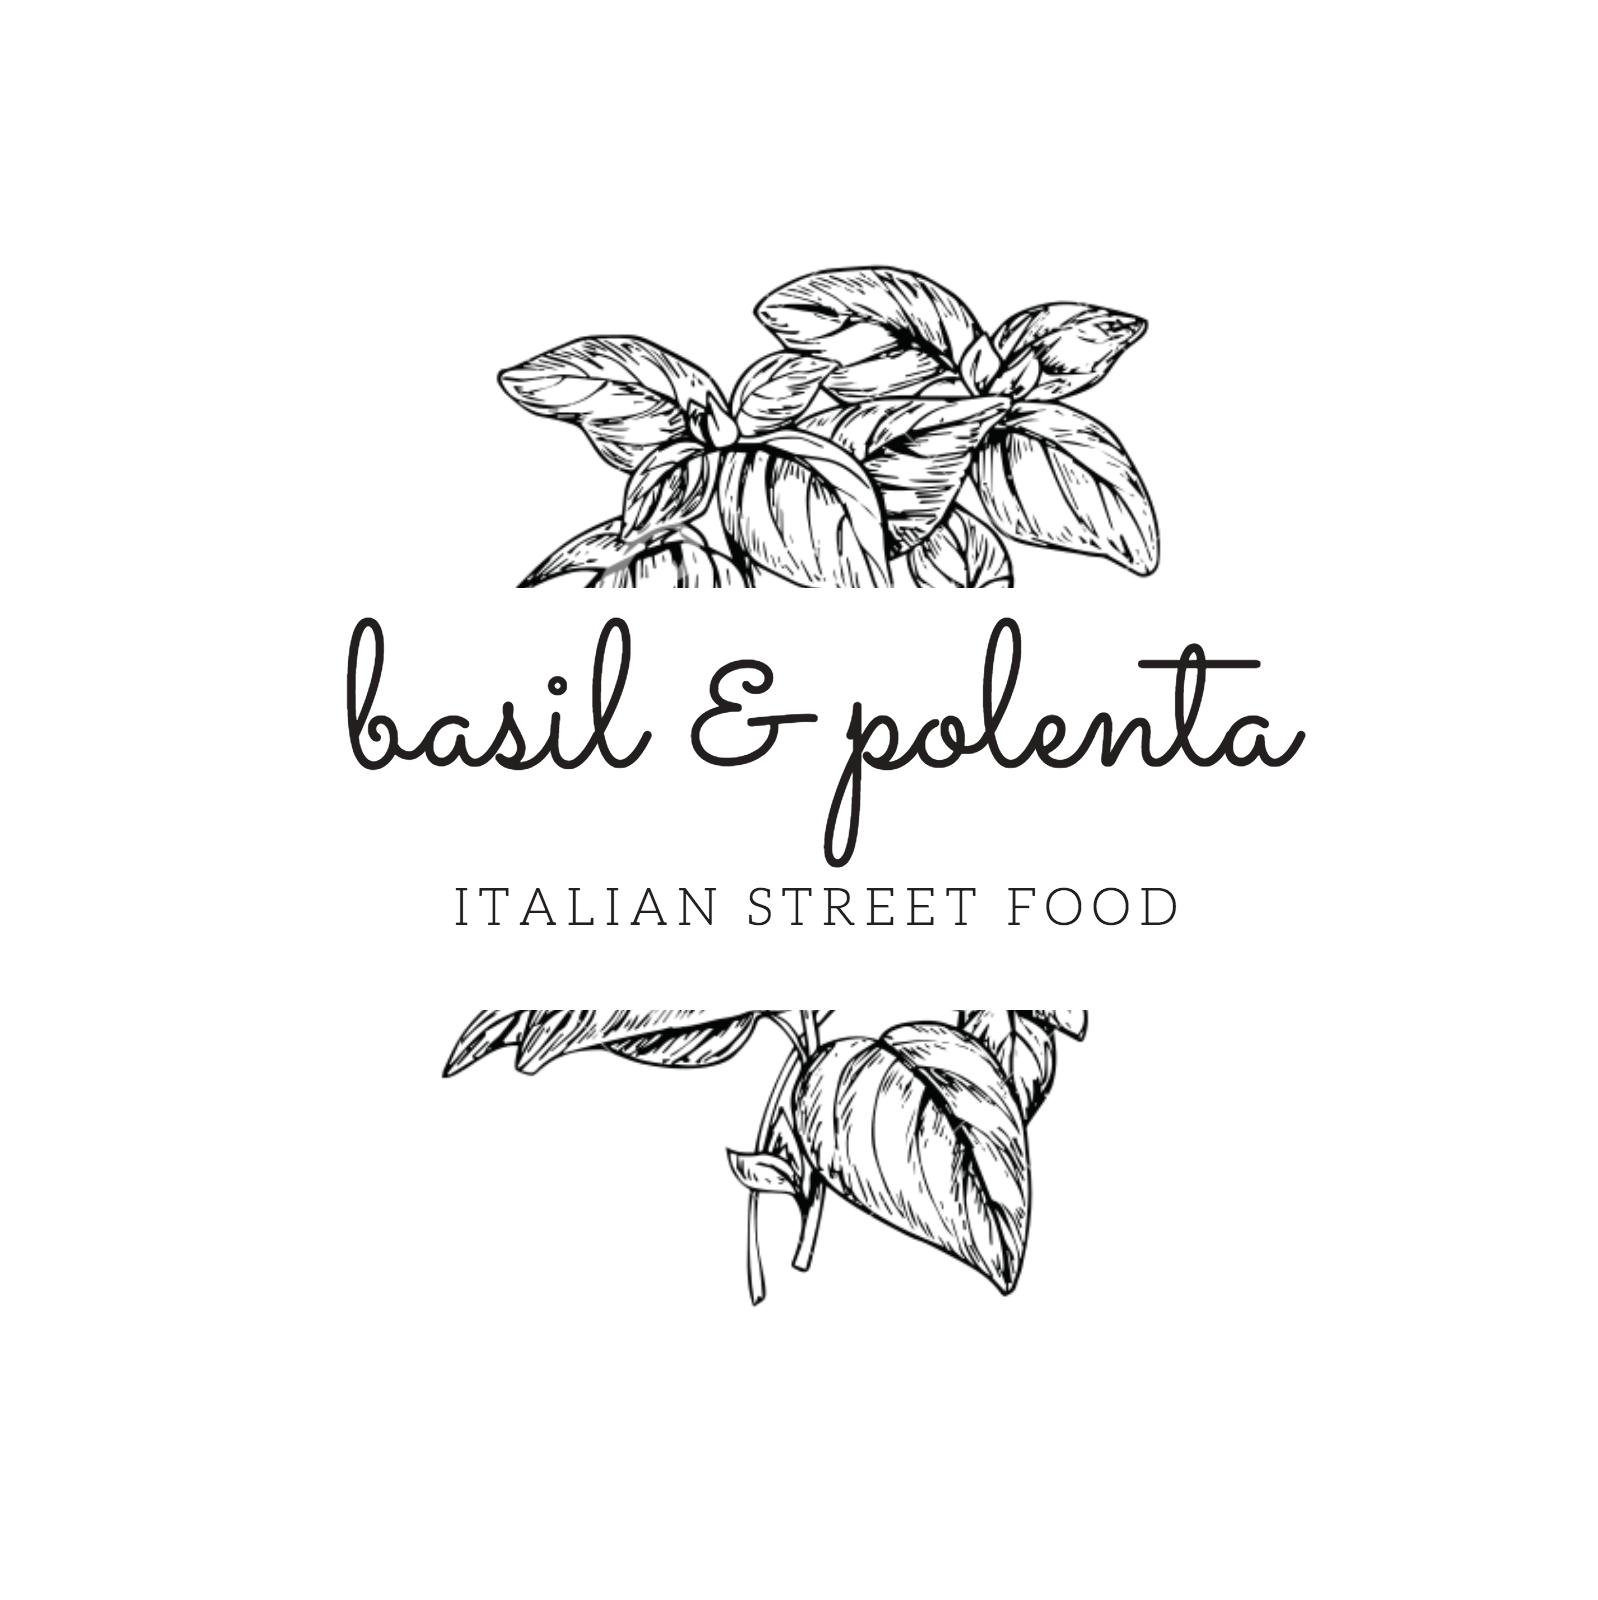 Basil & Polenta